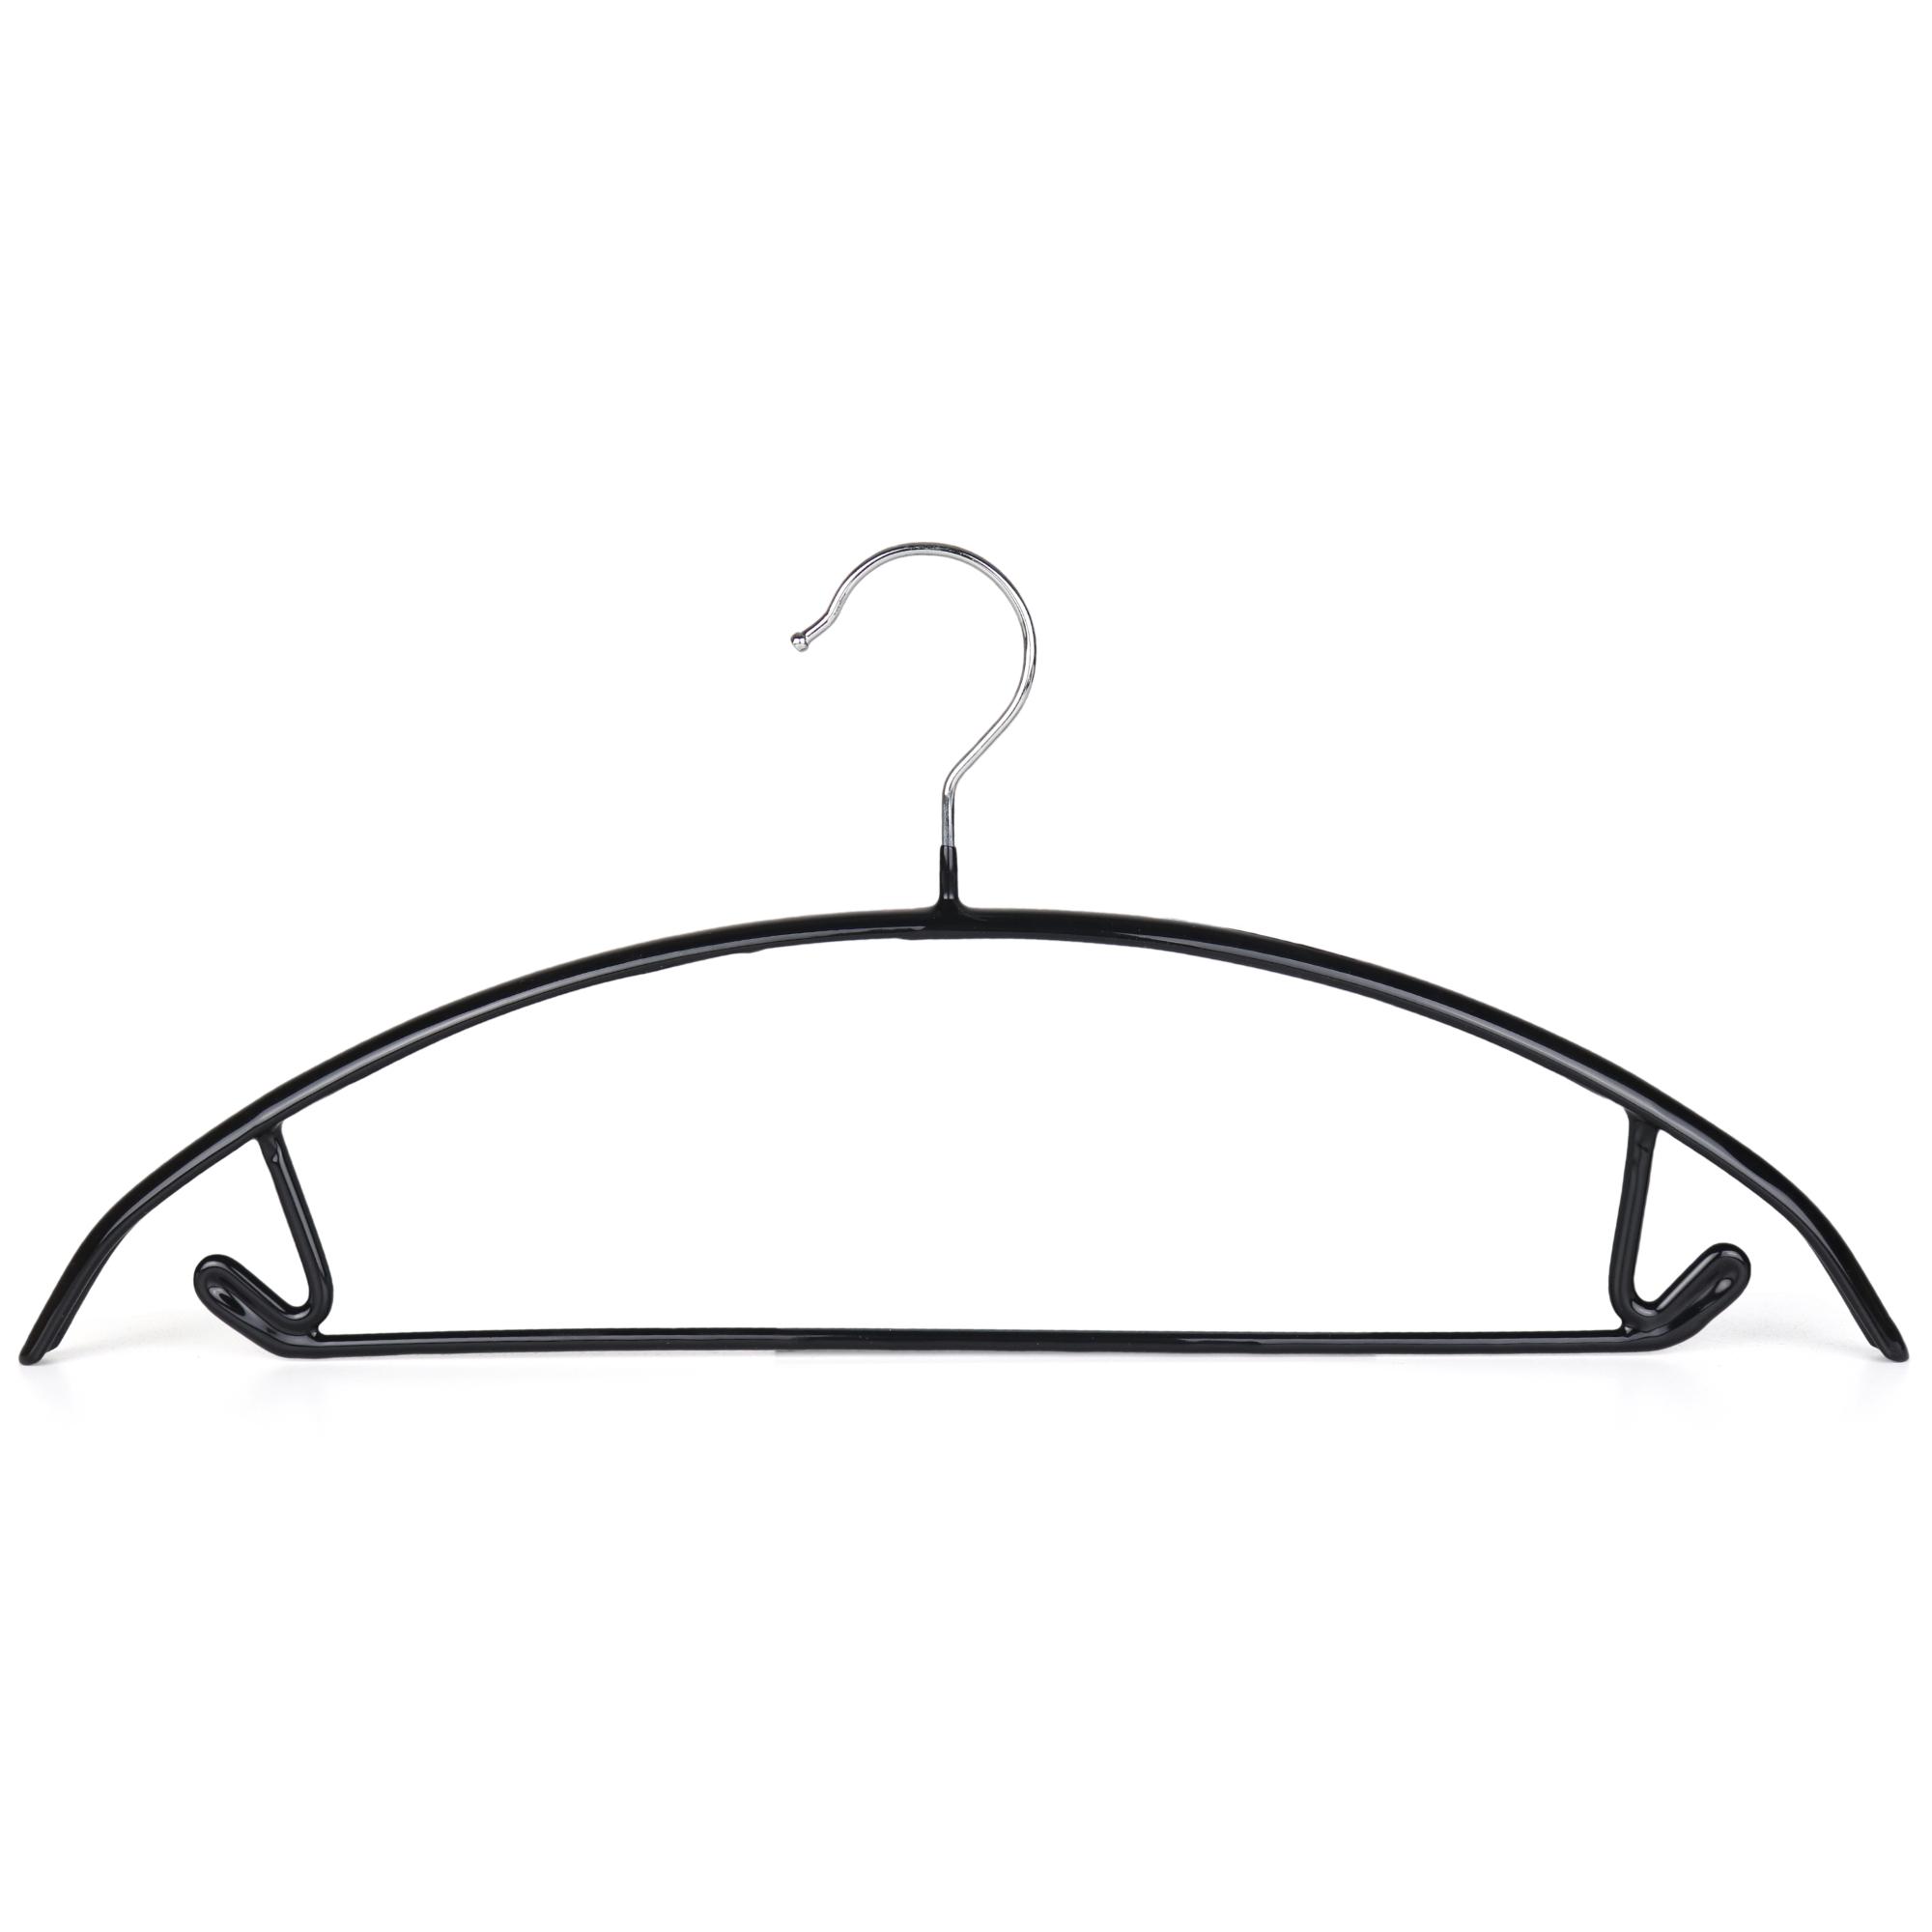 metal hanger 404 212 frontal